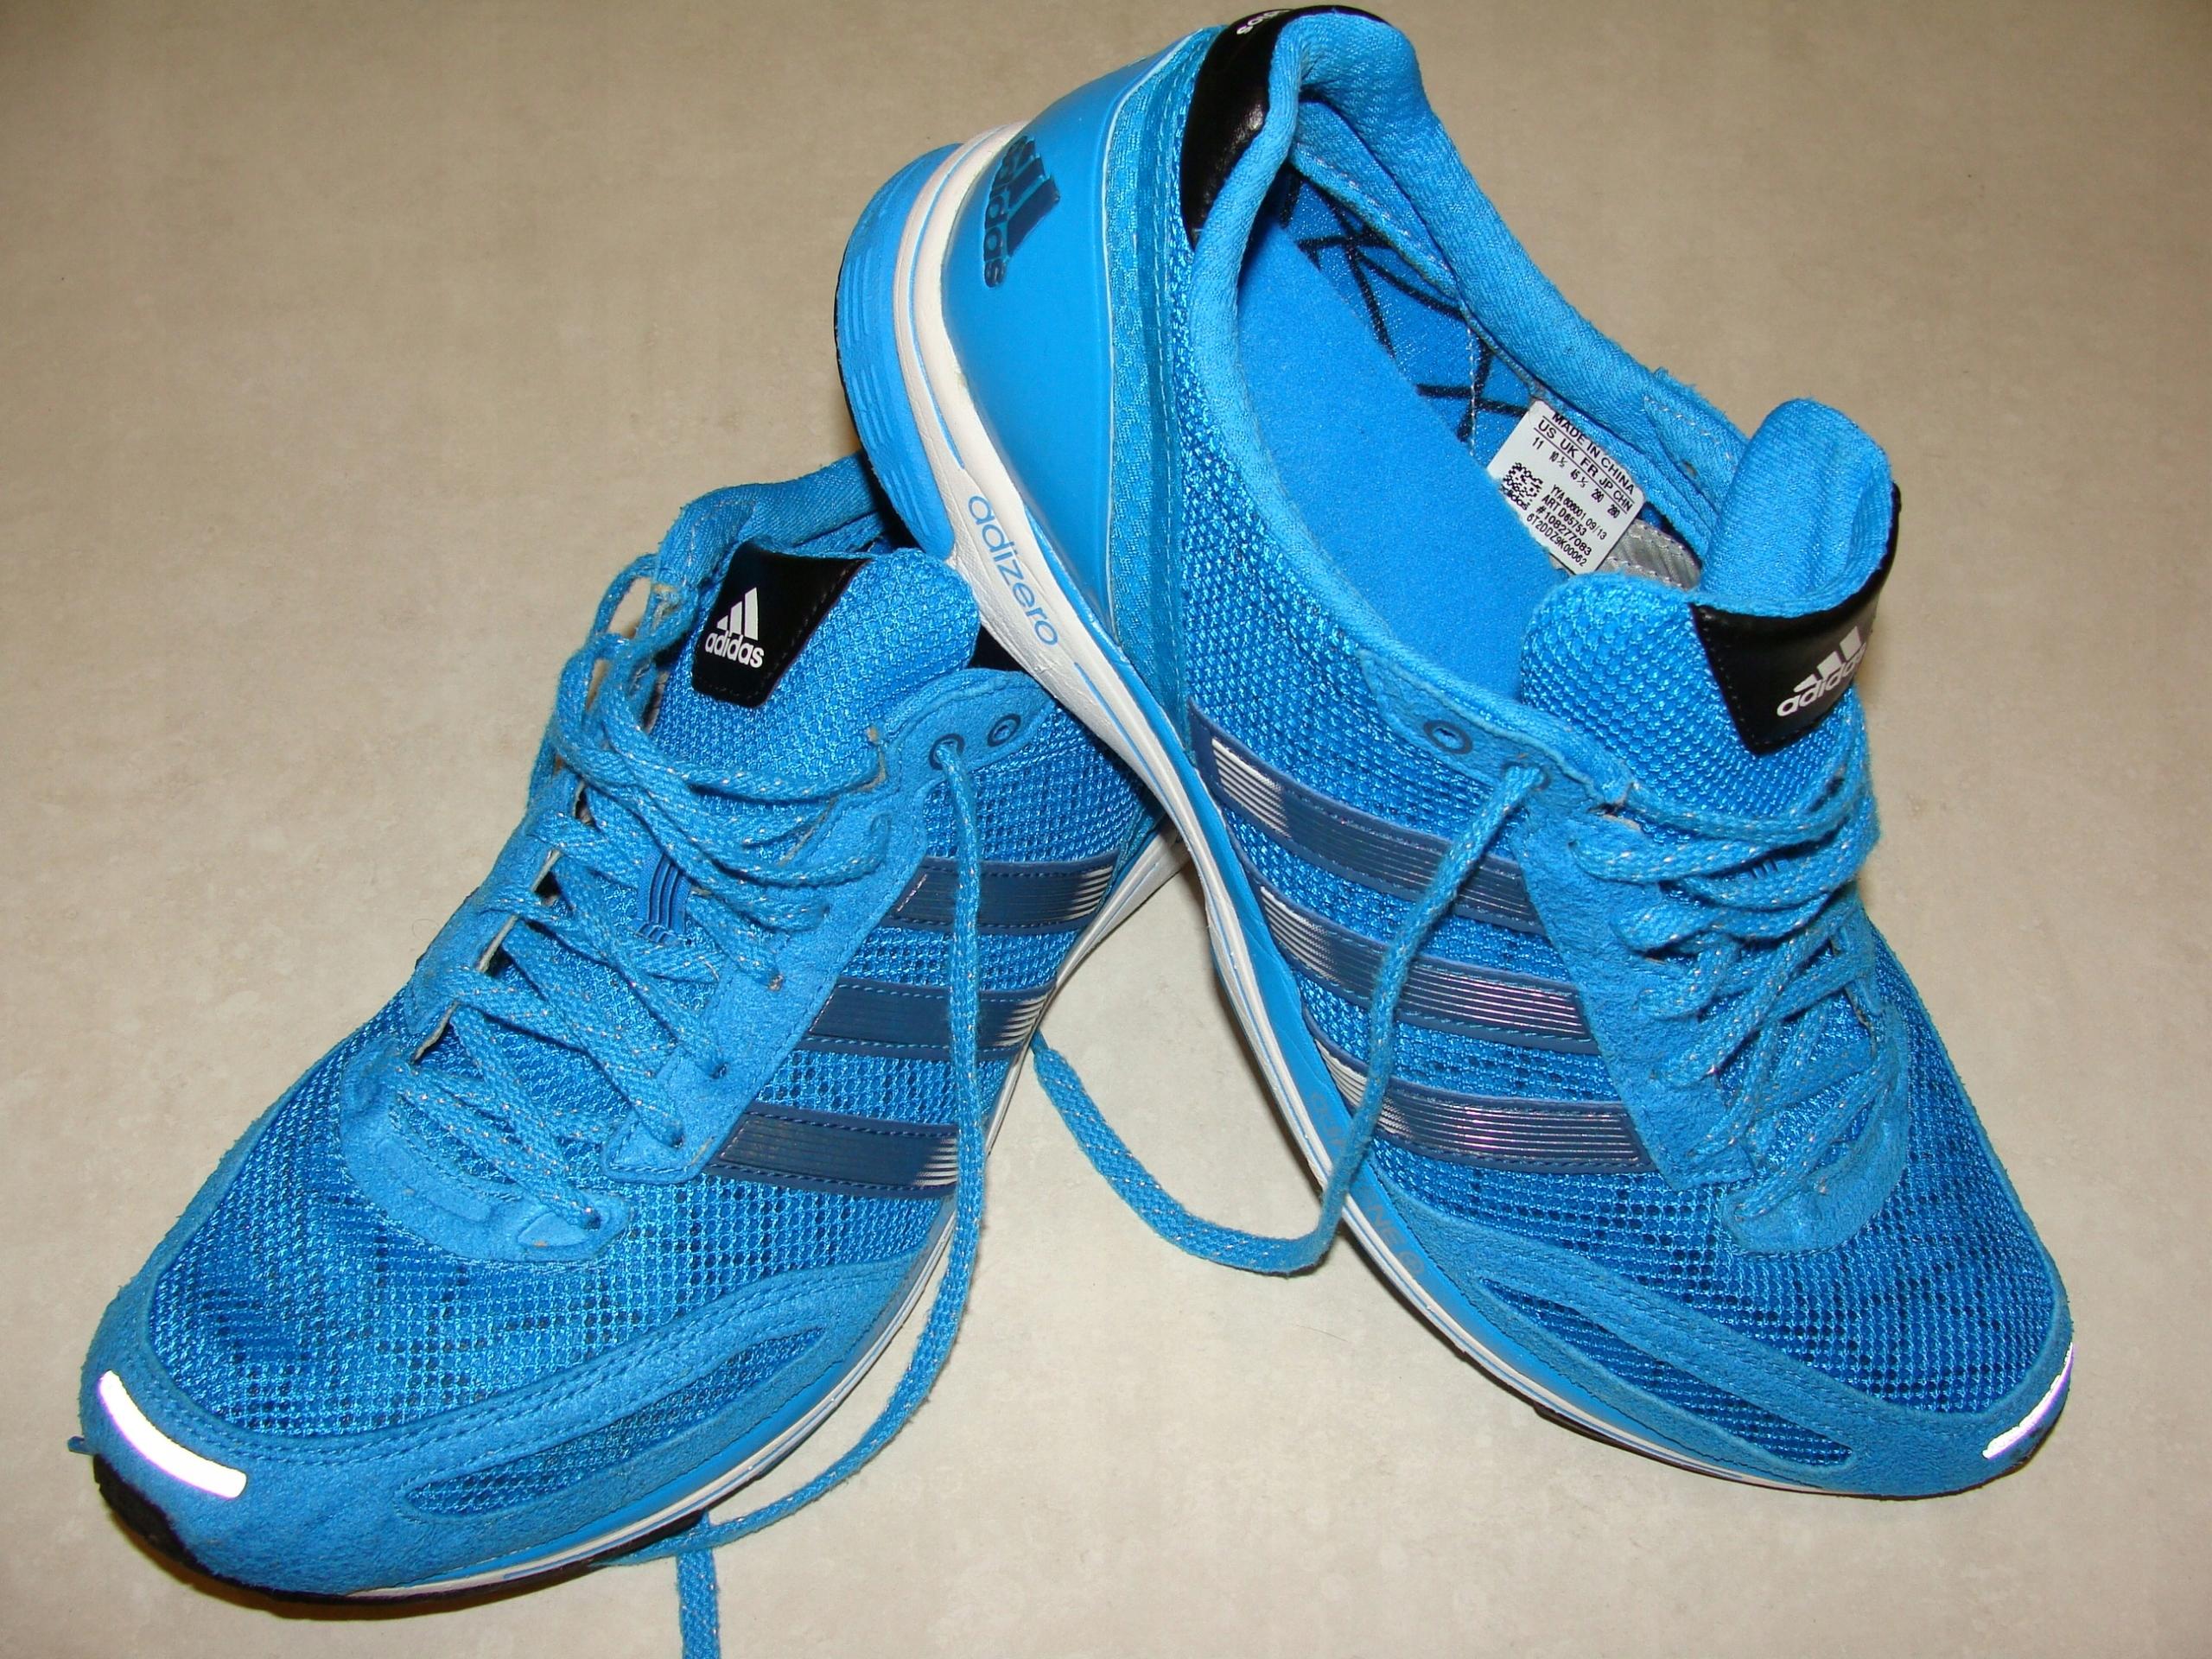 quality design 7df45 236a1 BUTY BIEGOWE Adidas Adizero Adios 2 D65753 R.4513